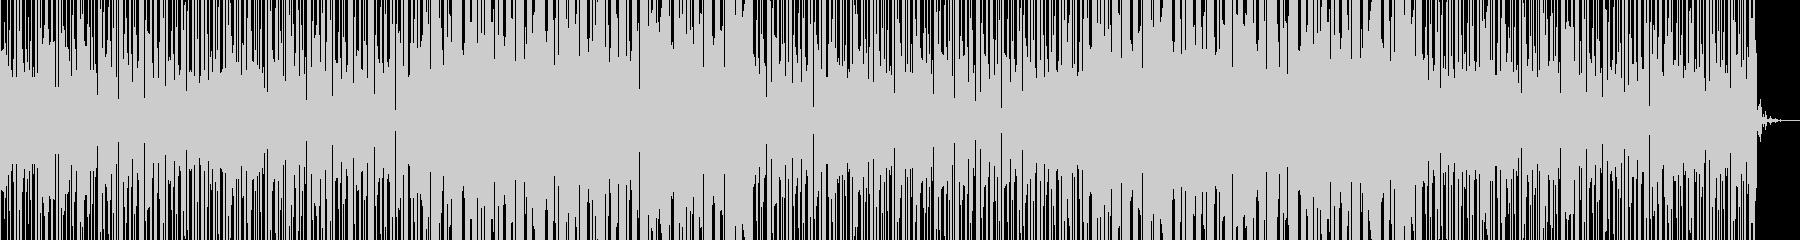 いろいろな音が飛び交う緊迫シーンに合う曲の未再生の波形